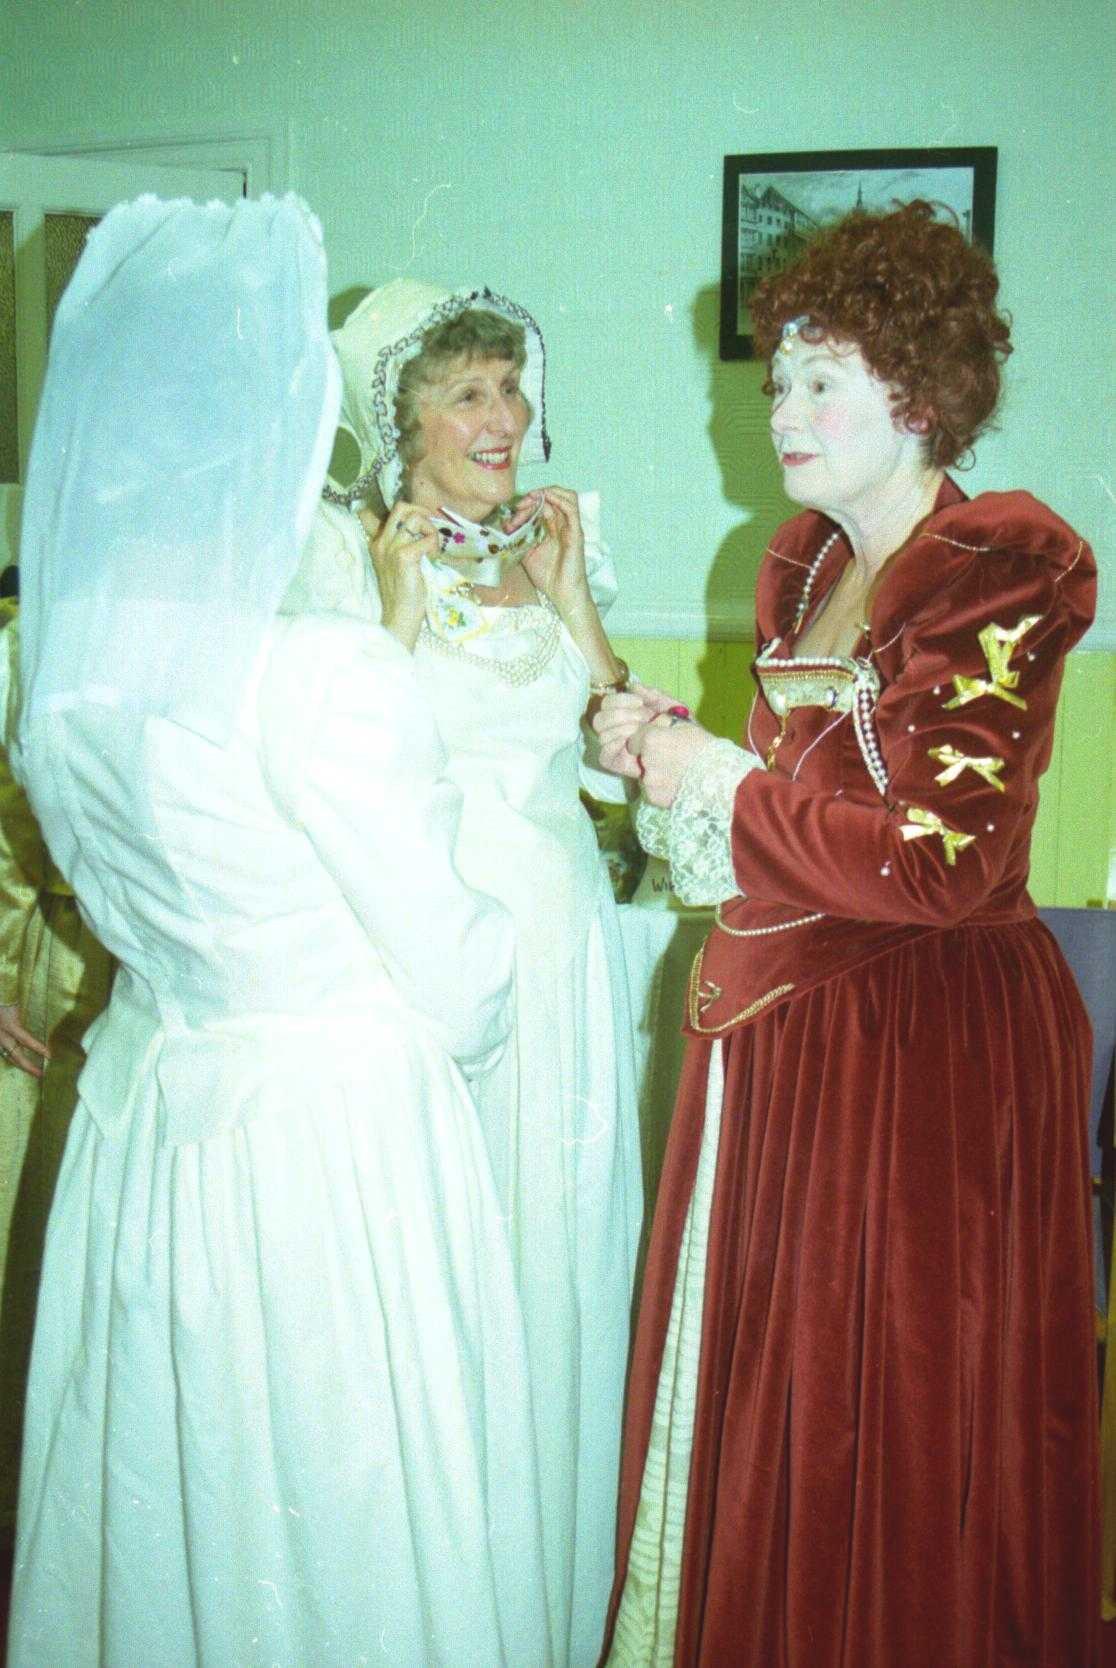 2000 June Dress rehearsal, A Midsummer N